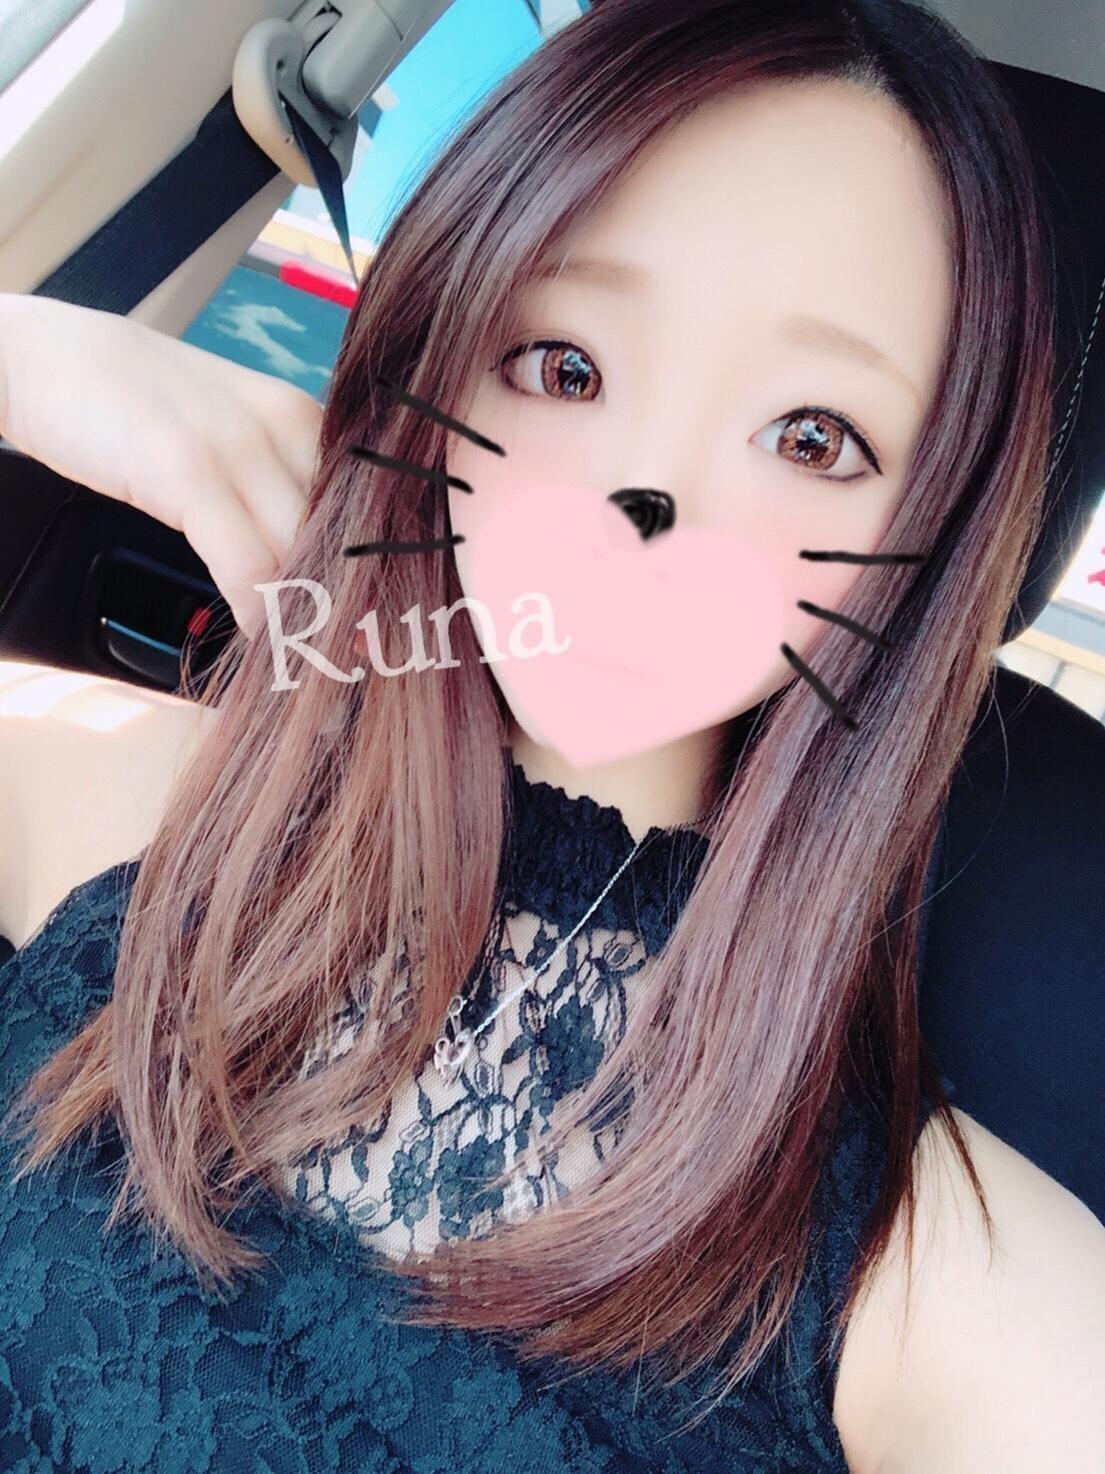 るな☆可愛い系小柄美女「師走…」12/09(日) 04:48 | るな☆可愛い系小柄美女の写メ・風俗動画